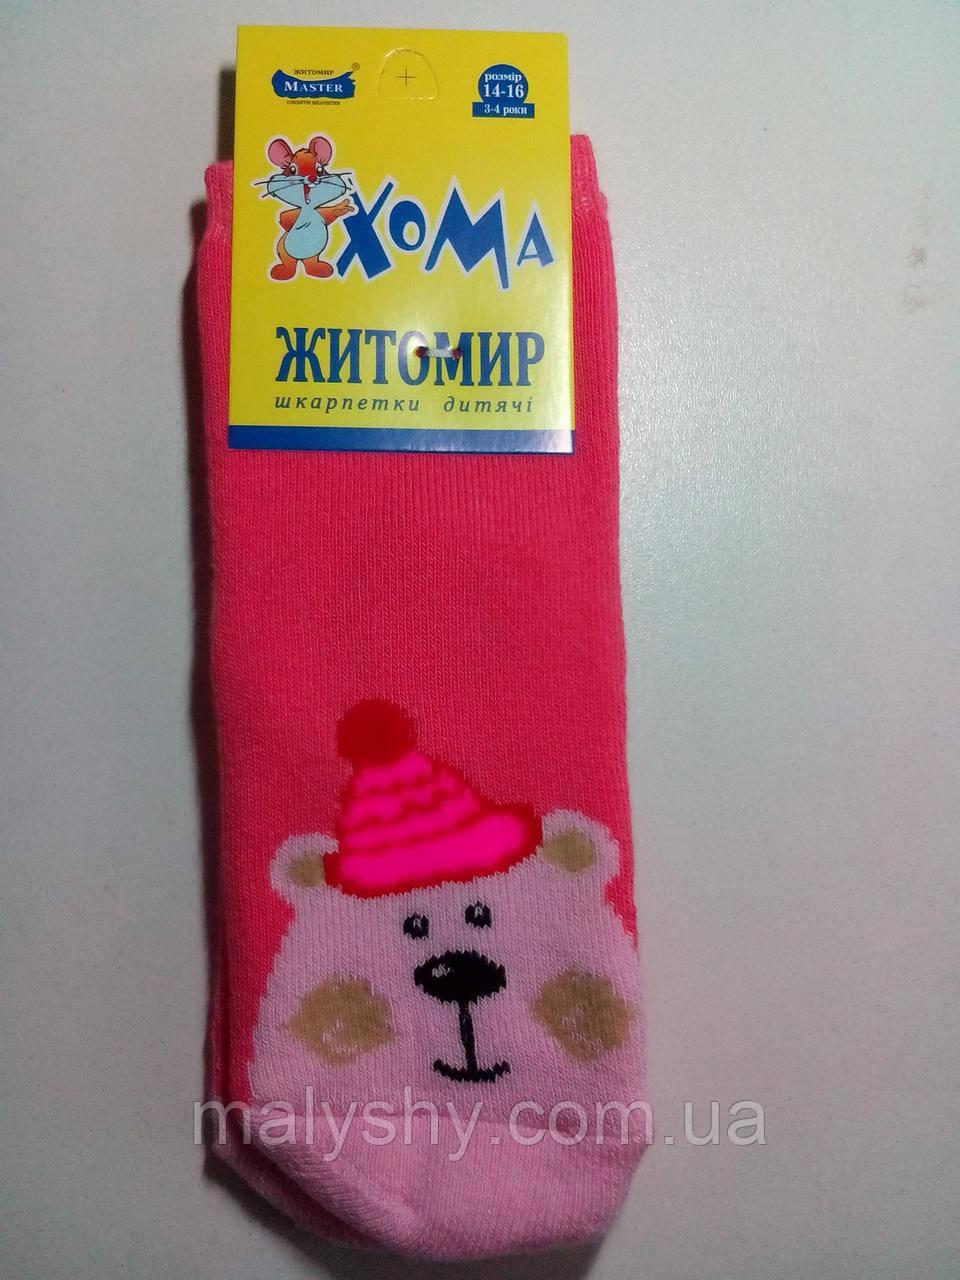 Детские носки махровые ХОМА ЖИТОМИР р.14-16 МИШКА-коралл/шкарпетки дитячі зимові махрові, носочки махра зимние